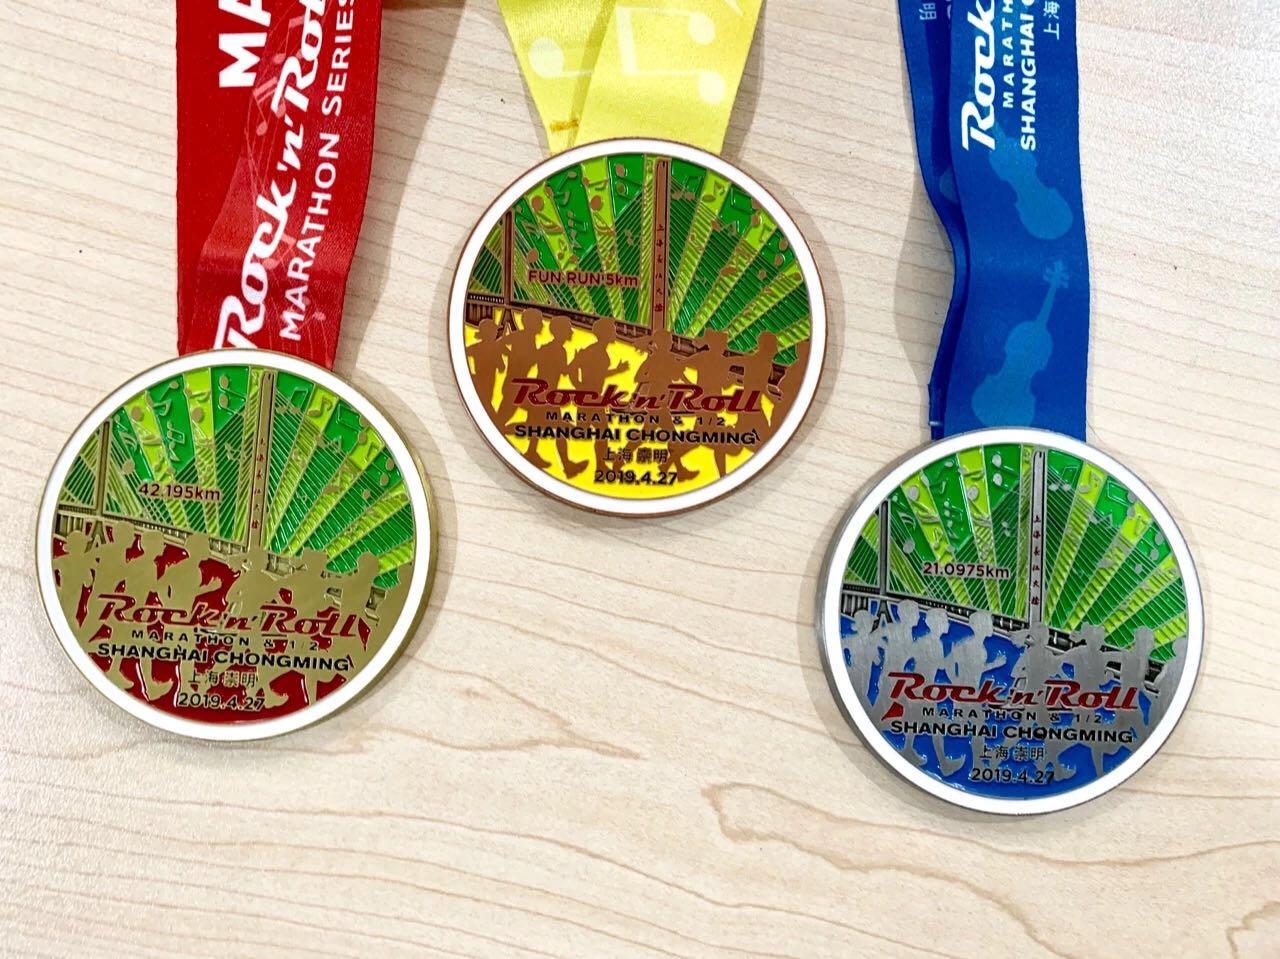 上海崇明摇滚马拉松奖牌亮相 本周六开赛